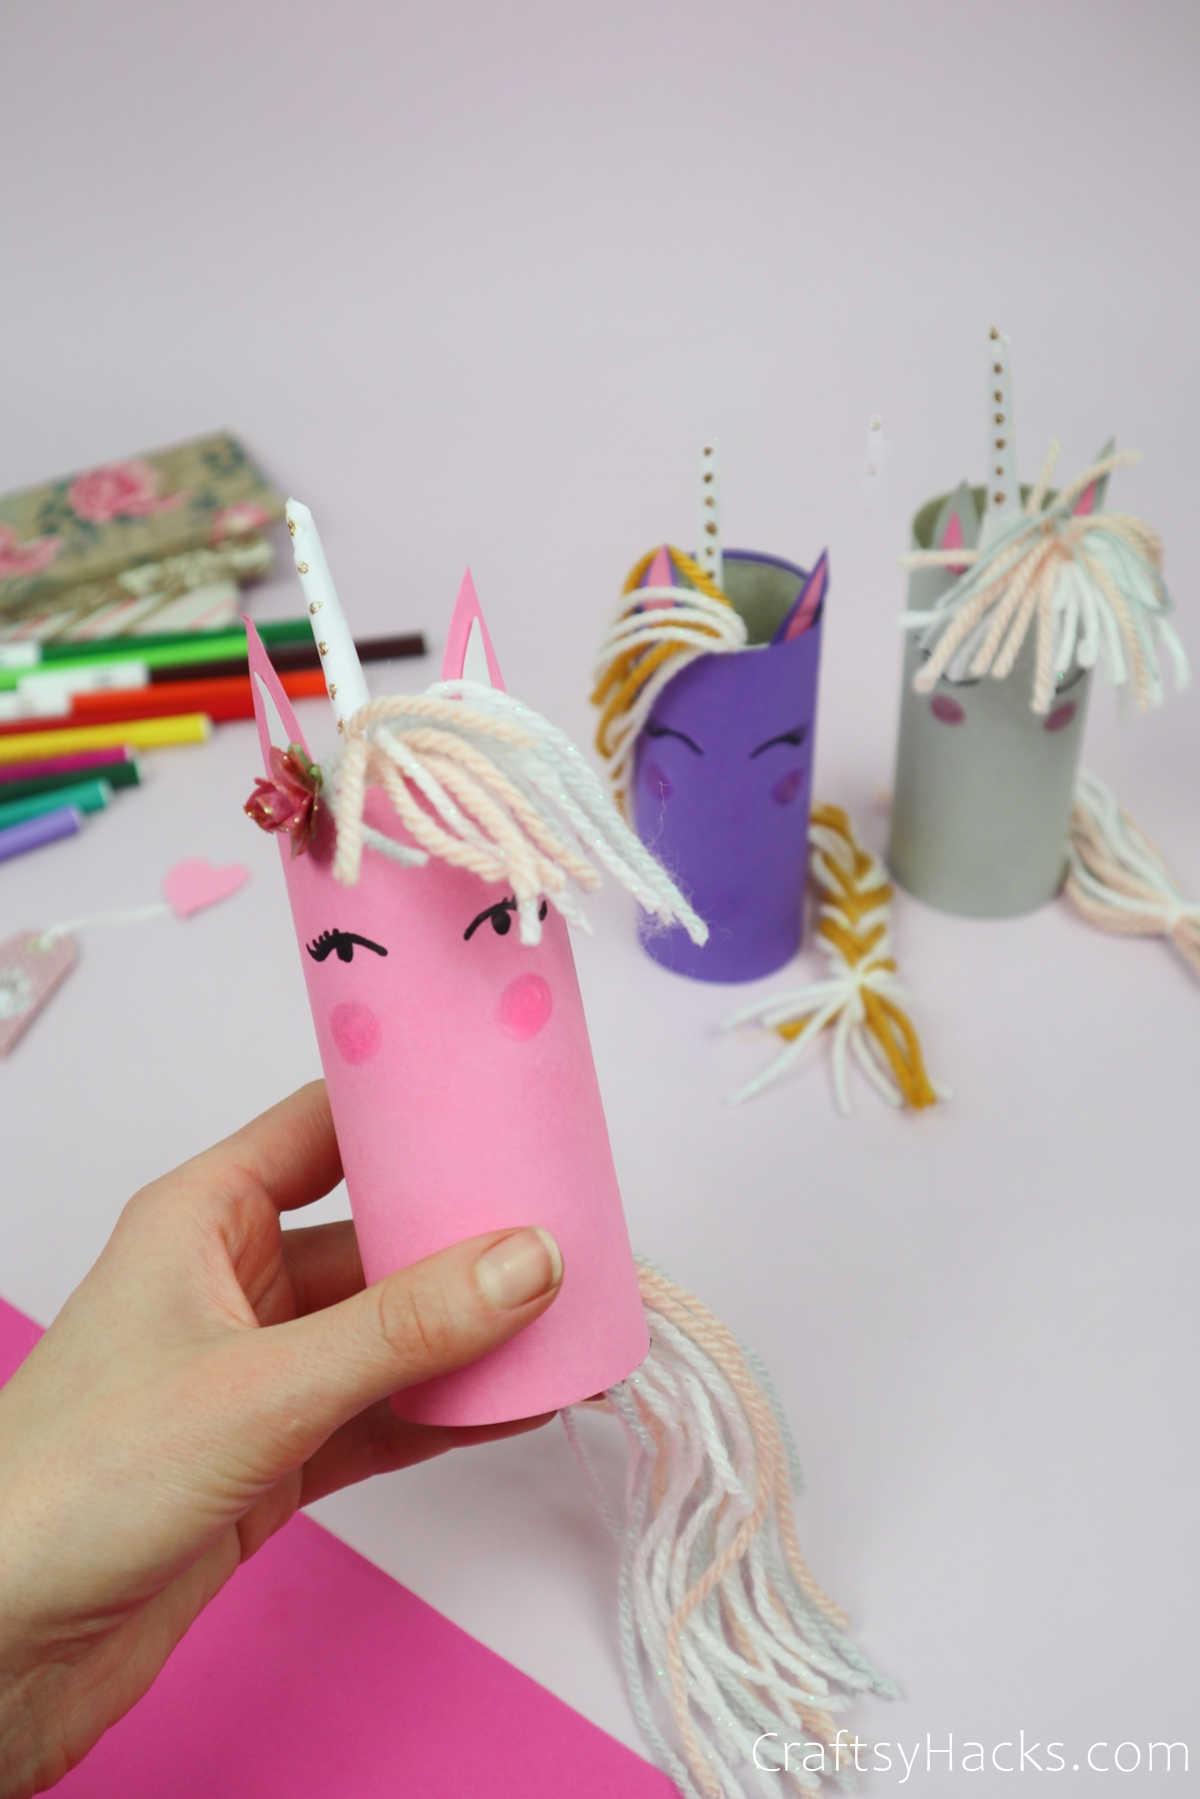 holding pink unicorn